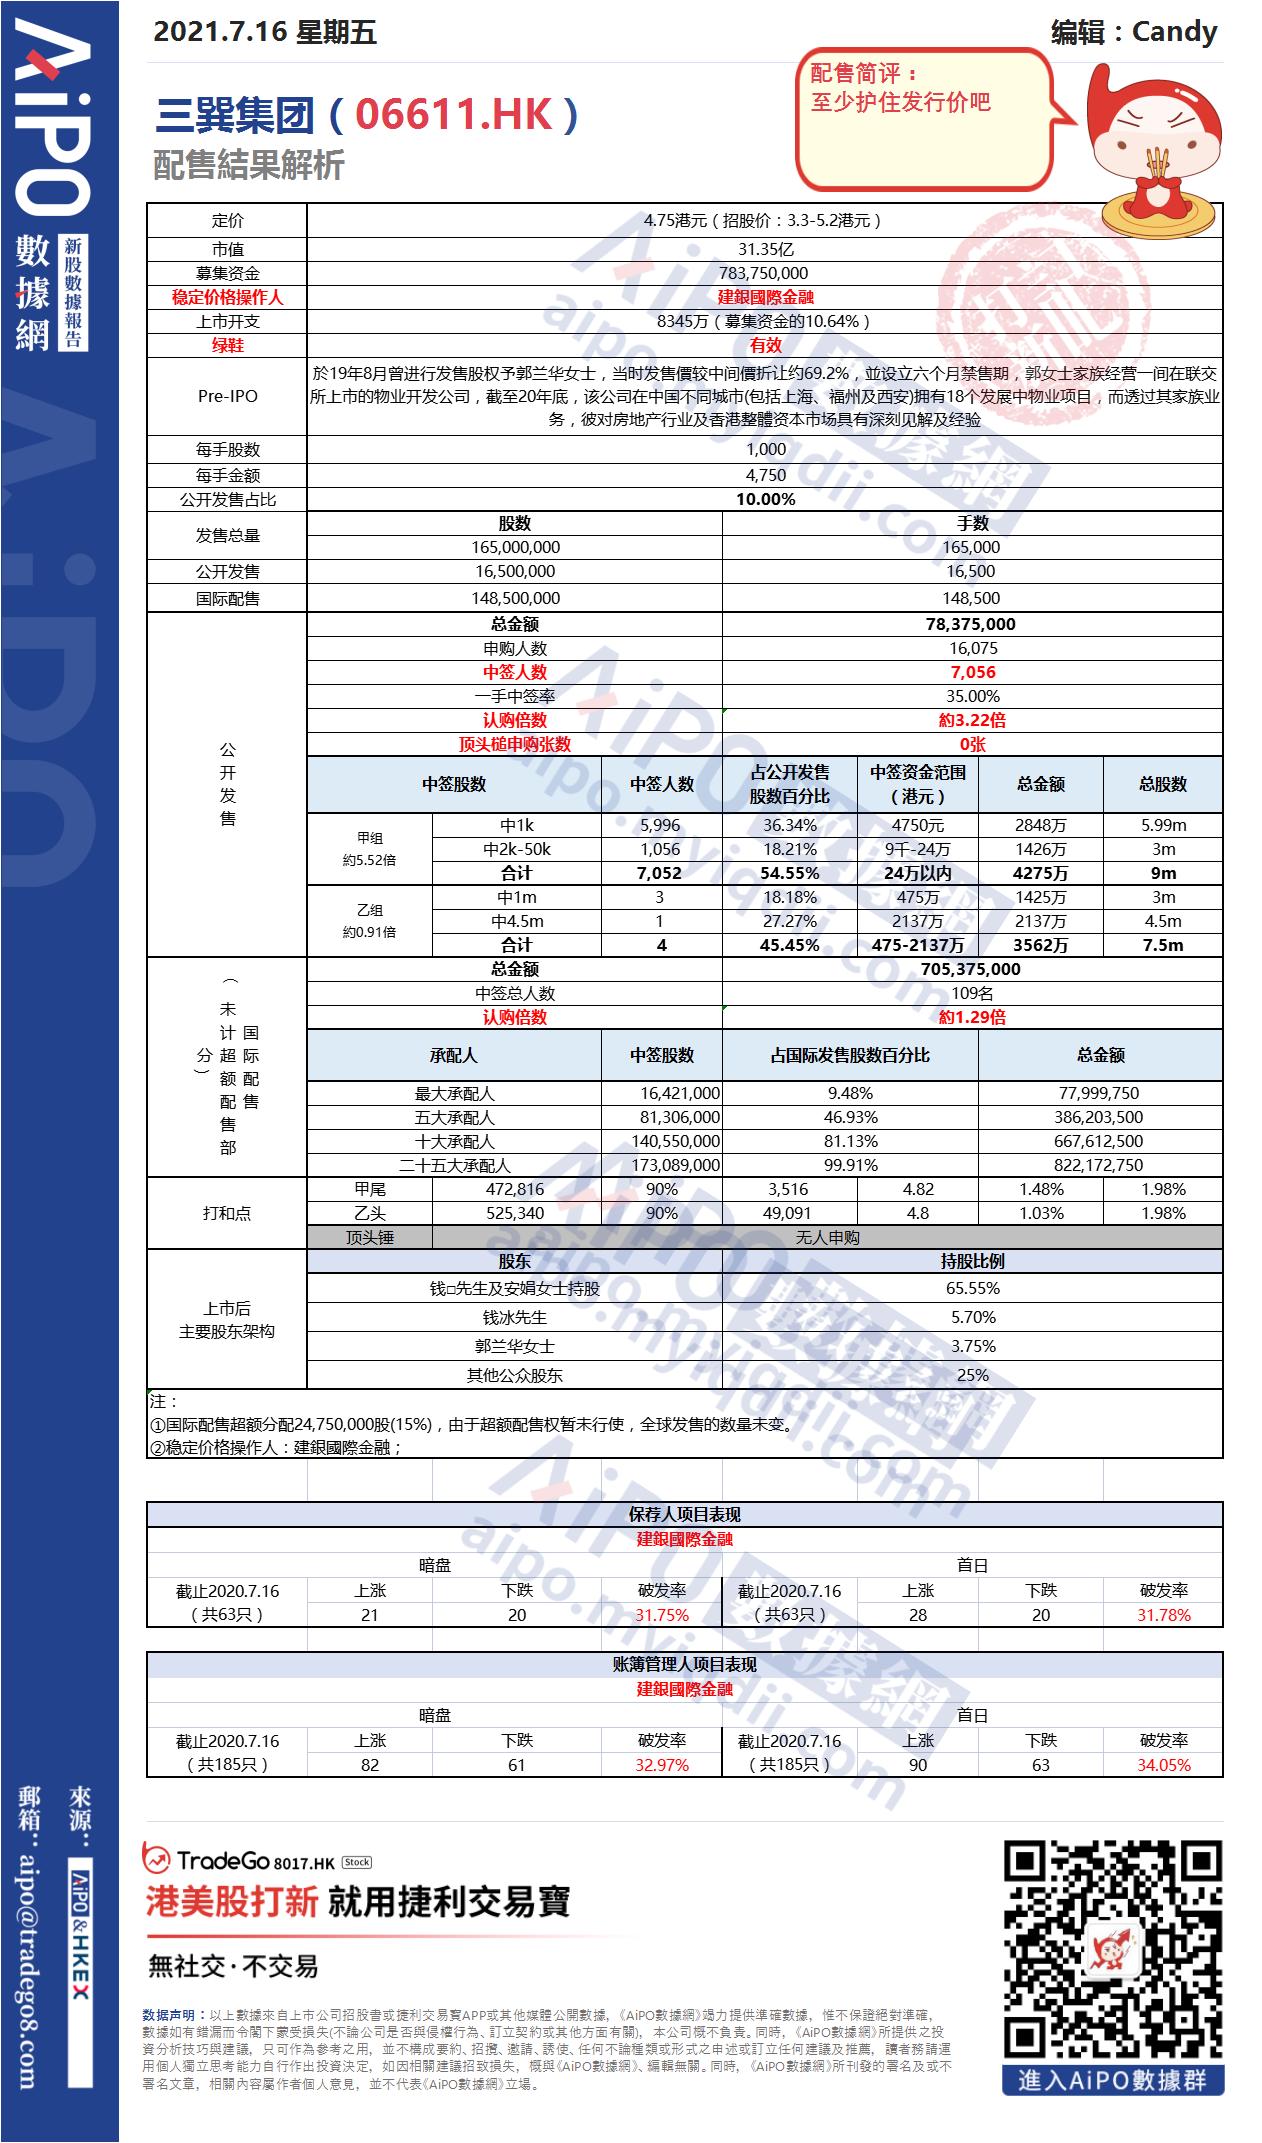 【新股AiPO】配售結果解析:三巽集團(06611.HK).png